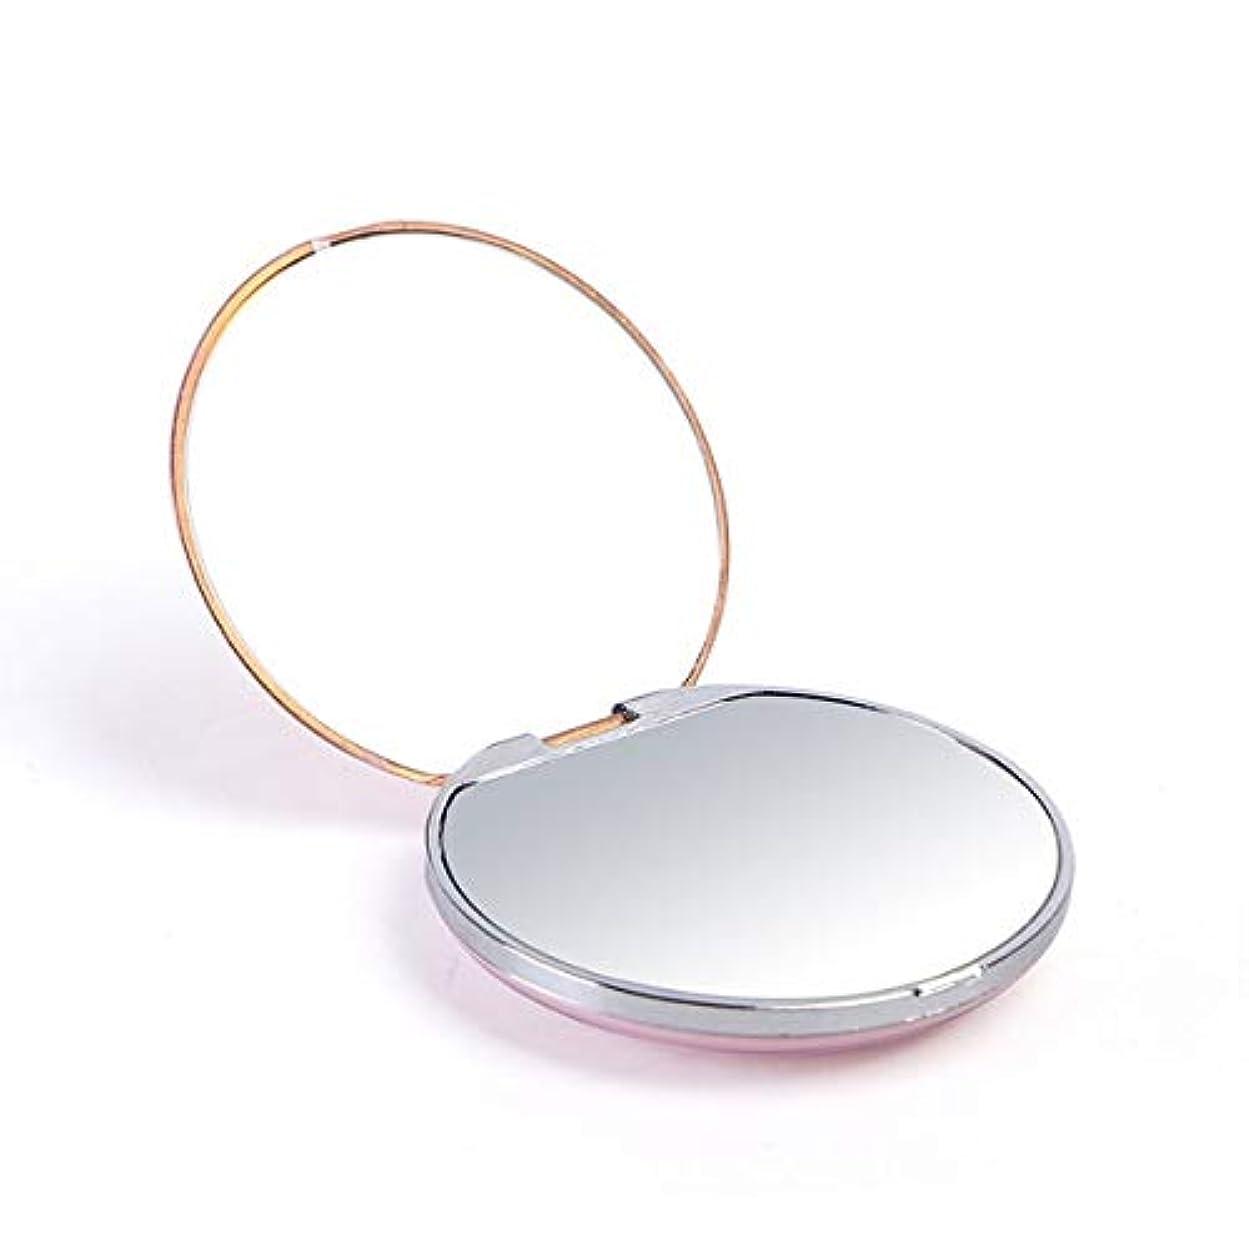 はっきりしない大騒ぎロッジ化粧鏡、亜鉛合金テクスチャアップグレード化粧鏡化粧鏡化粧ギフト